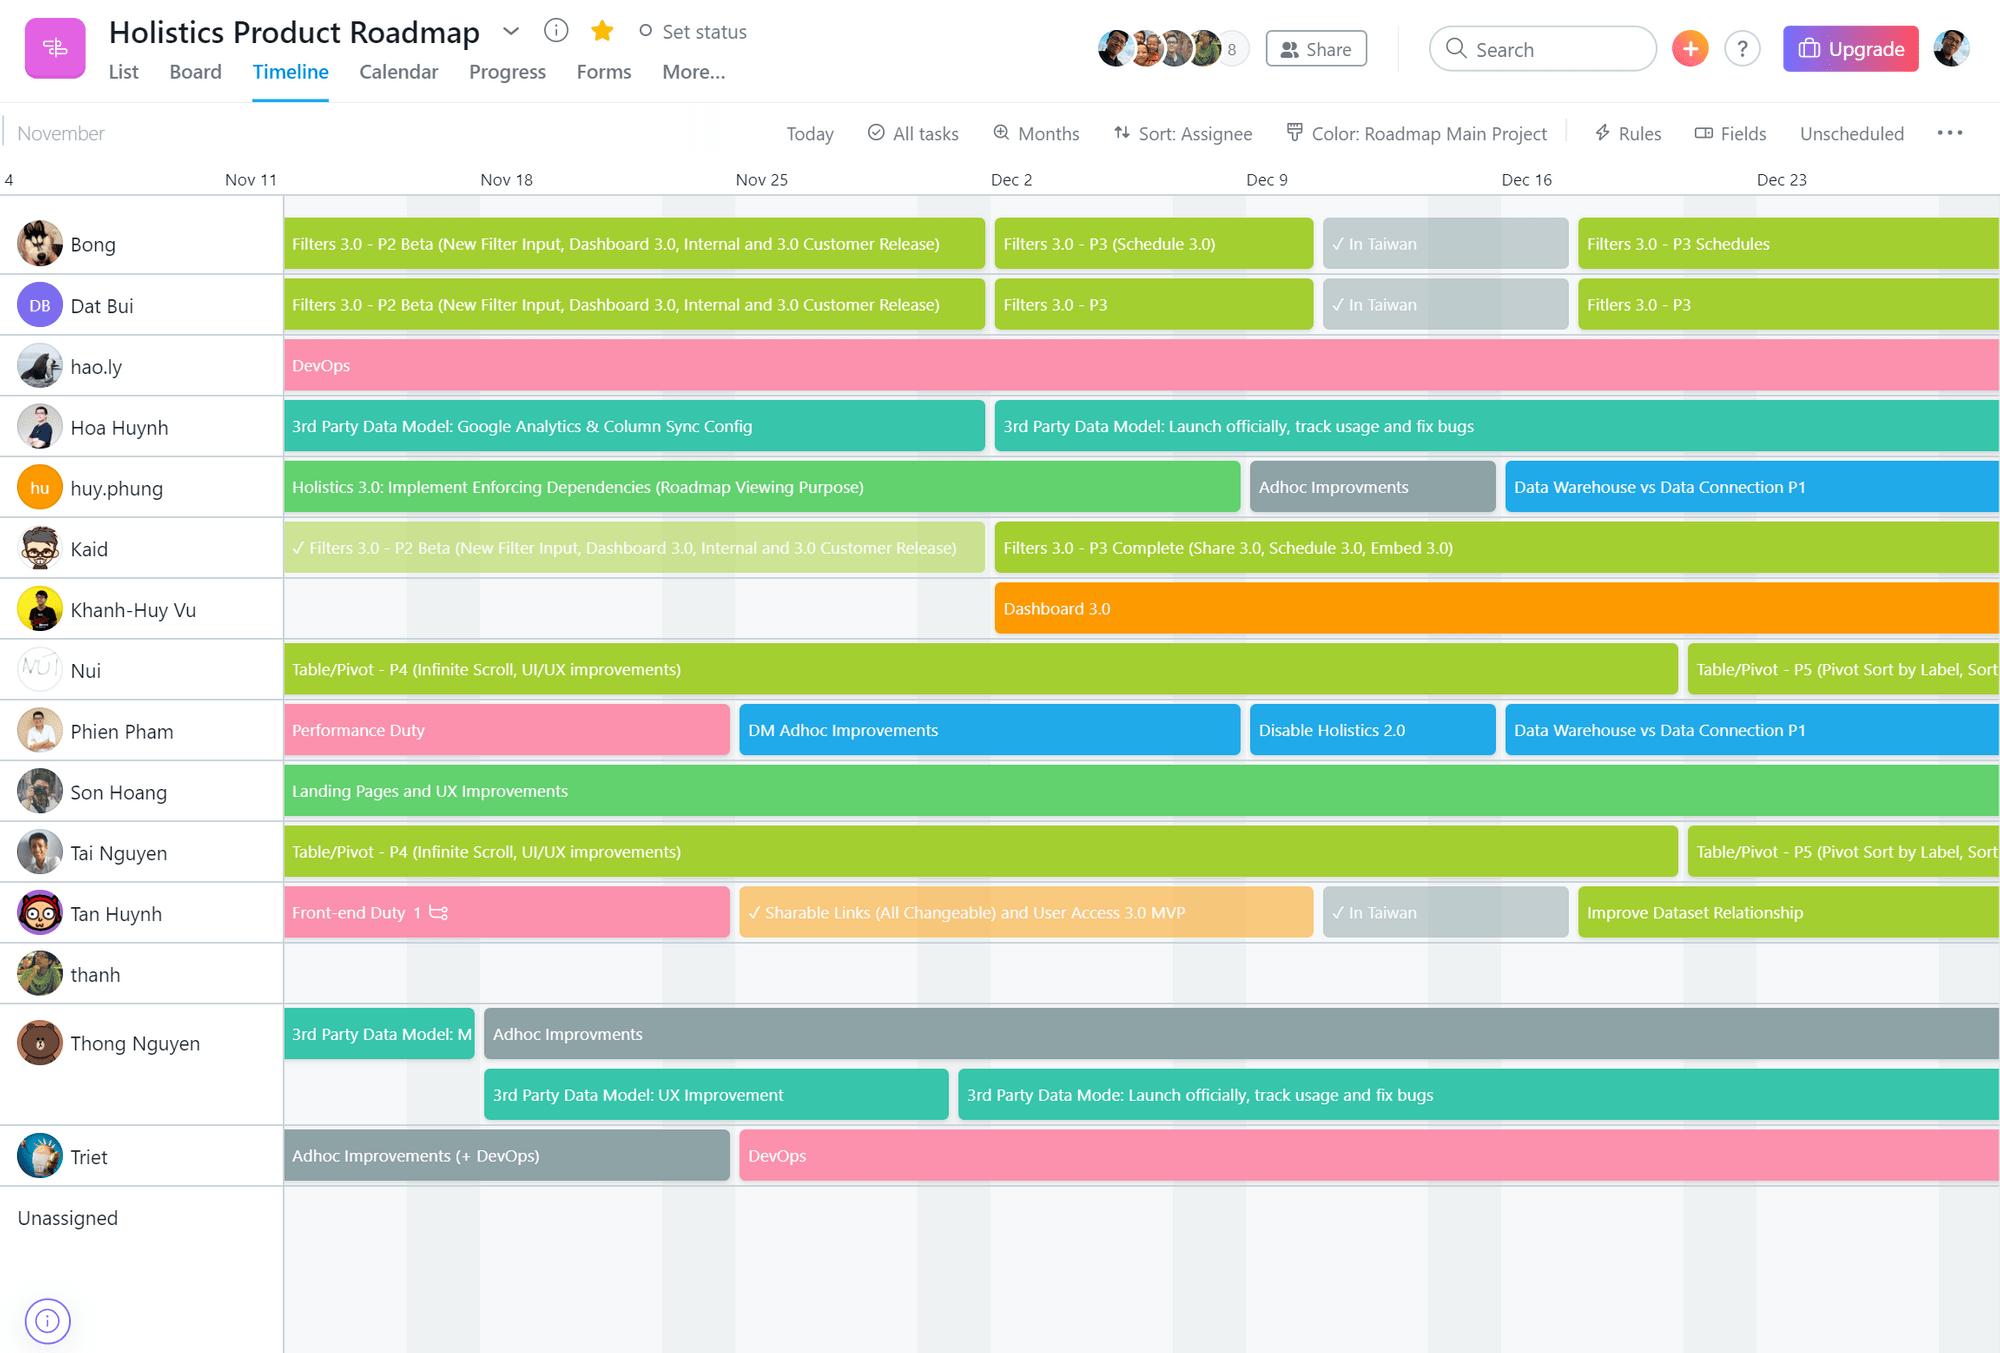 Holistics Asana product roadmap